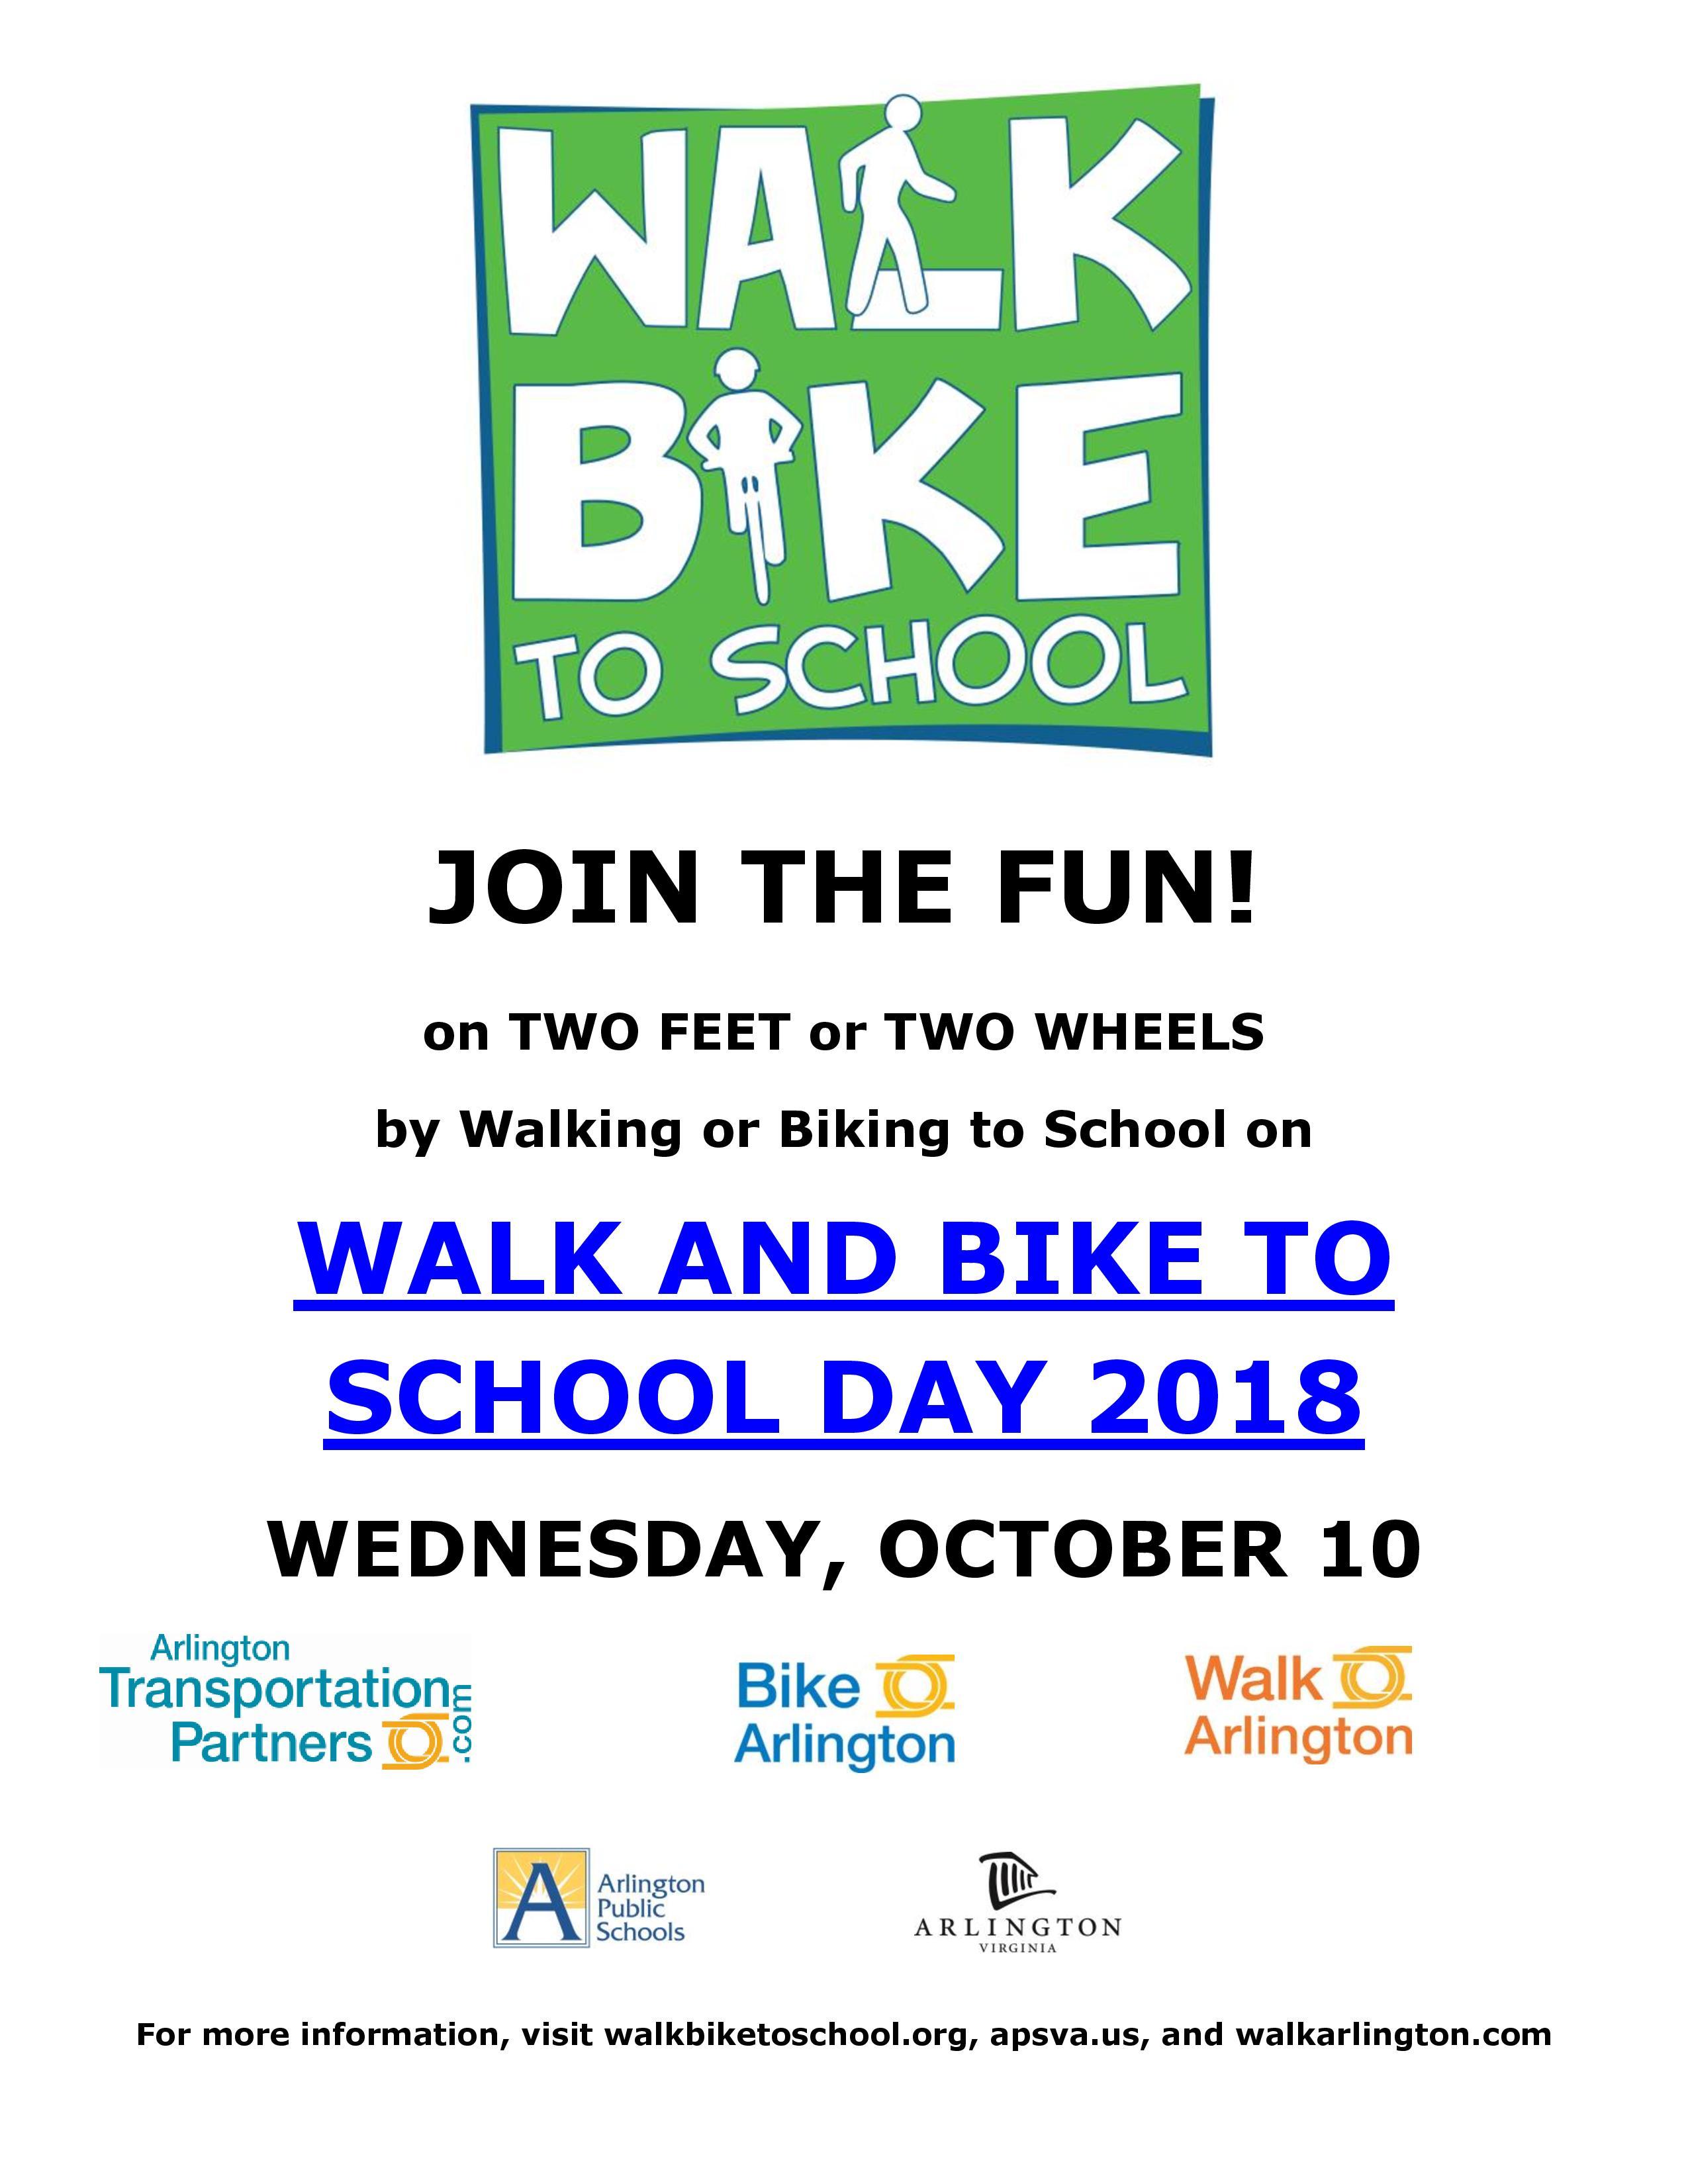 Walk Bike To School Day Wed 910día De Caminata O Bicicleta A La